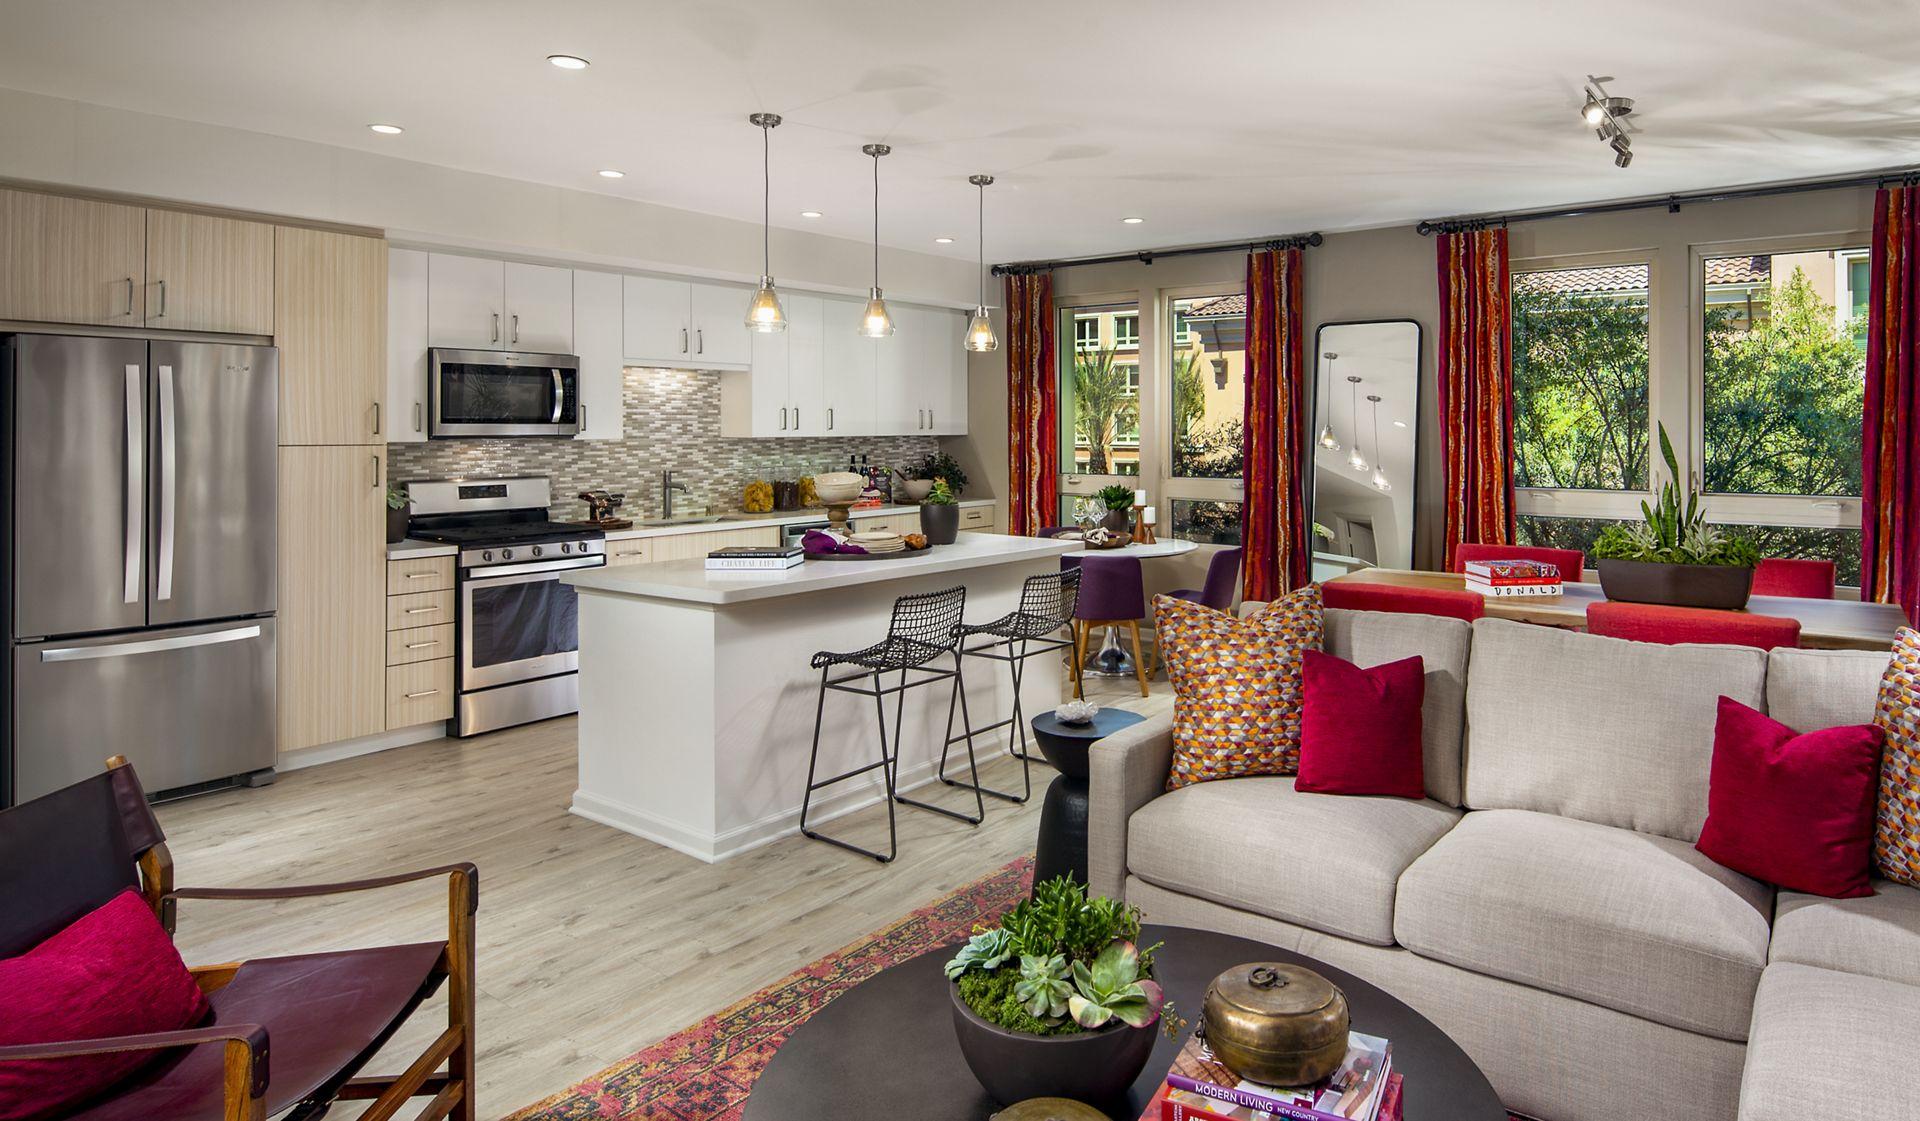 Interior view of Great Room at Santa Clara Square Apartment Homes in Santa Clara, CA.